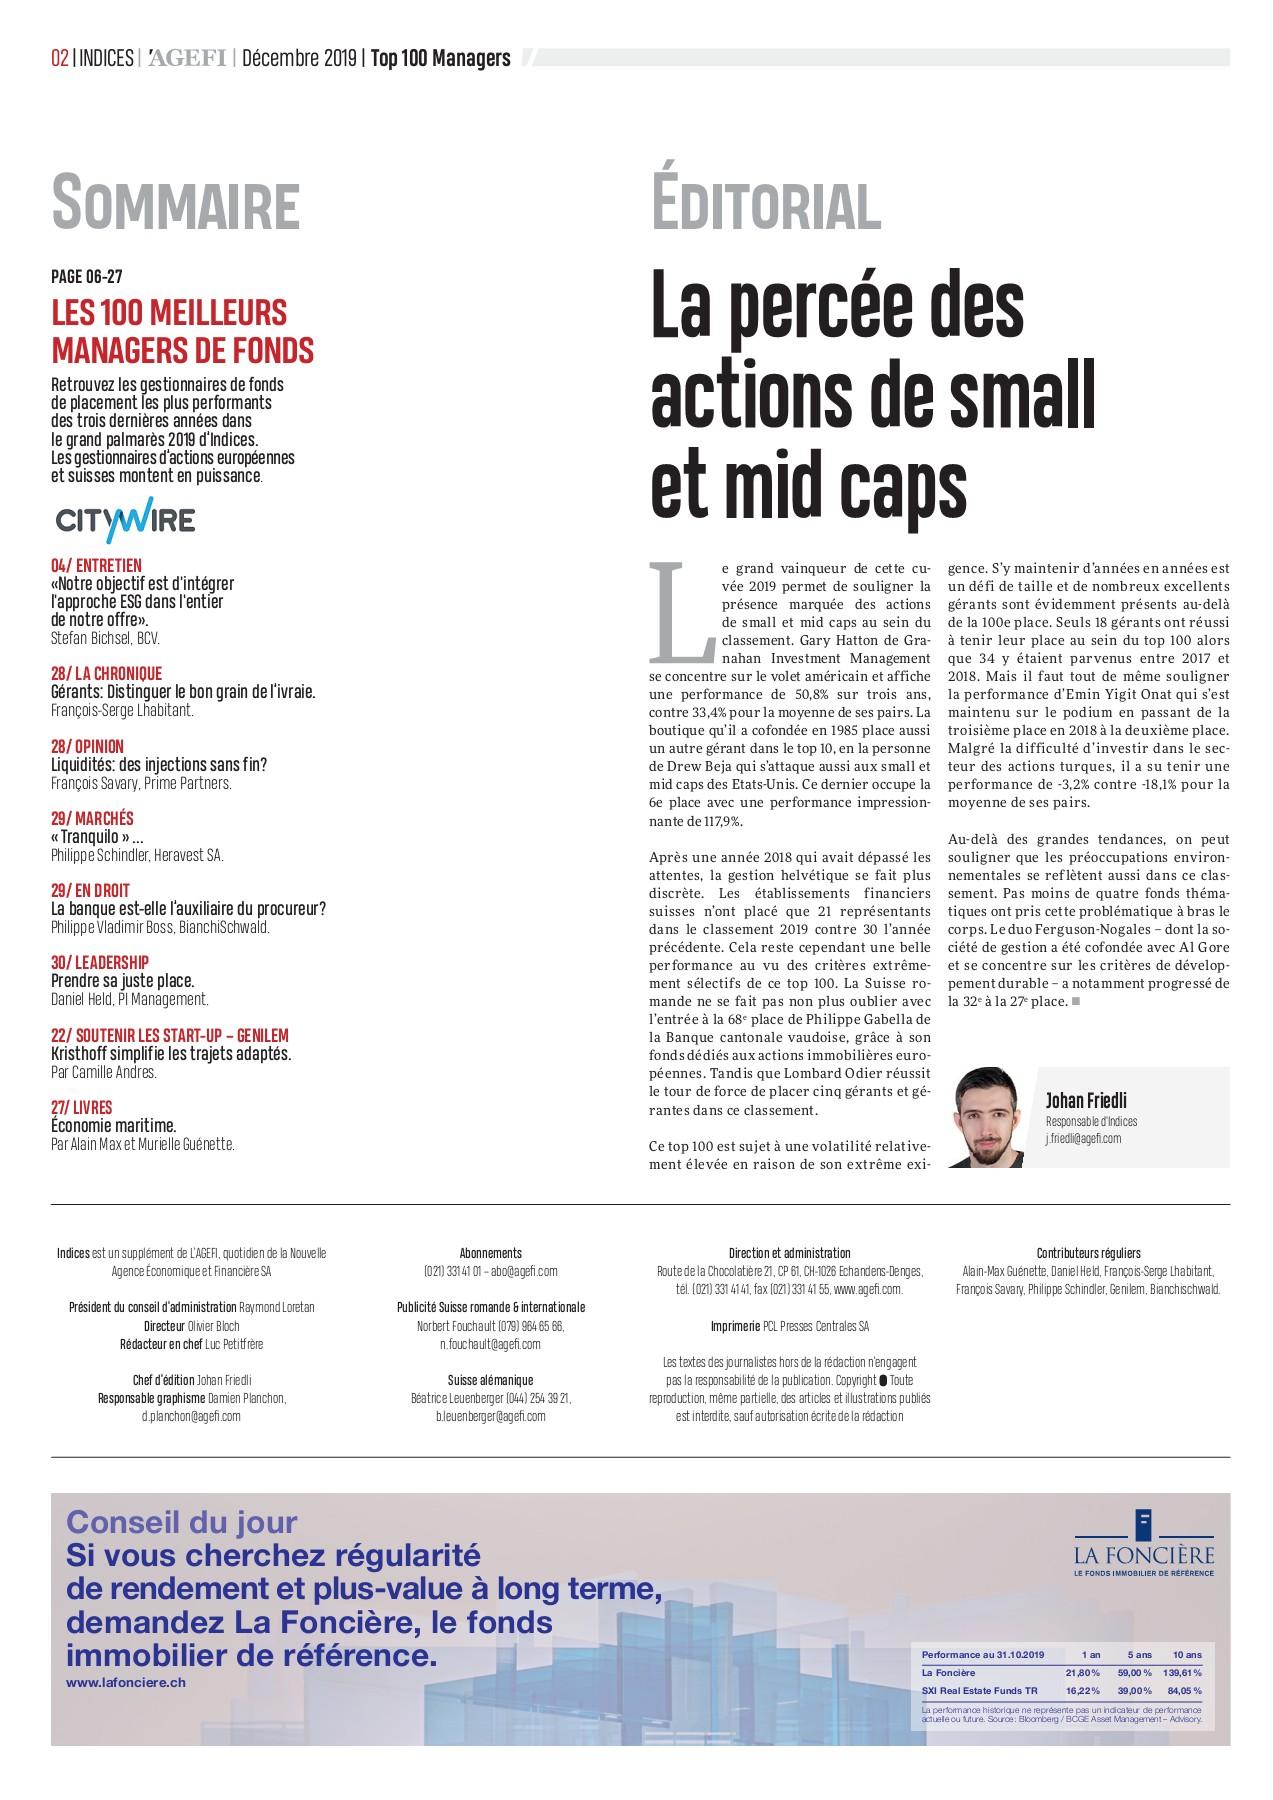 Bonus Porte Interne 2018 n°10 2019 agefi-indices - top 100 des managers de fonds-flip